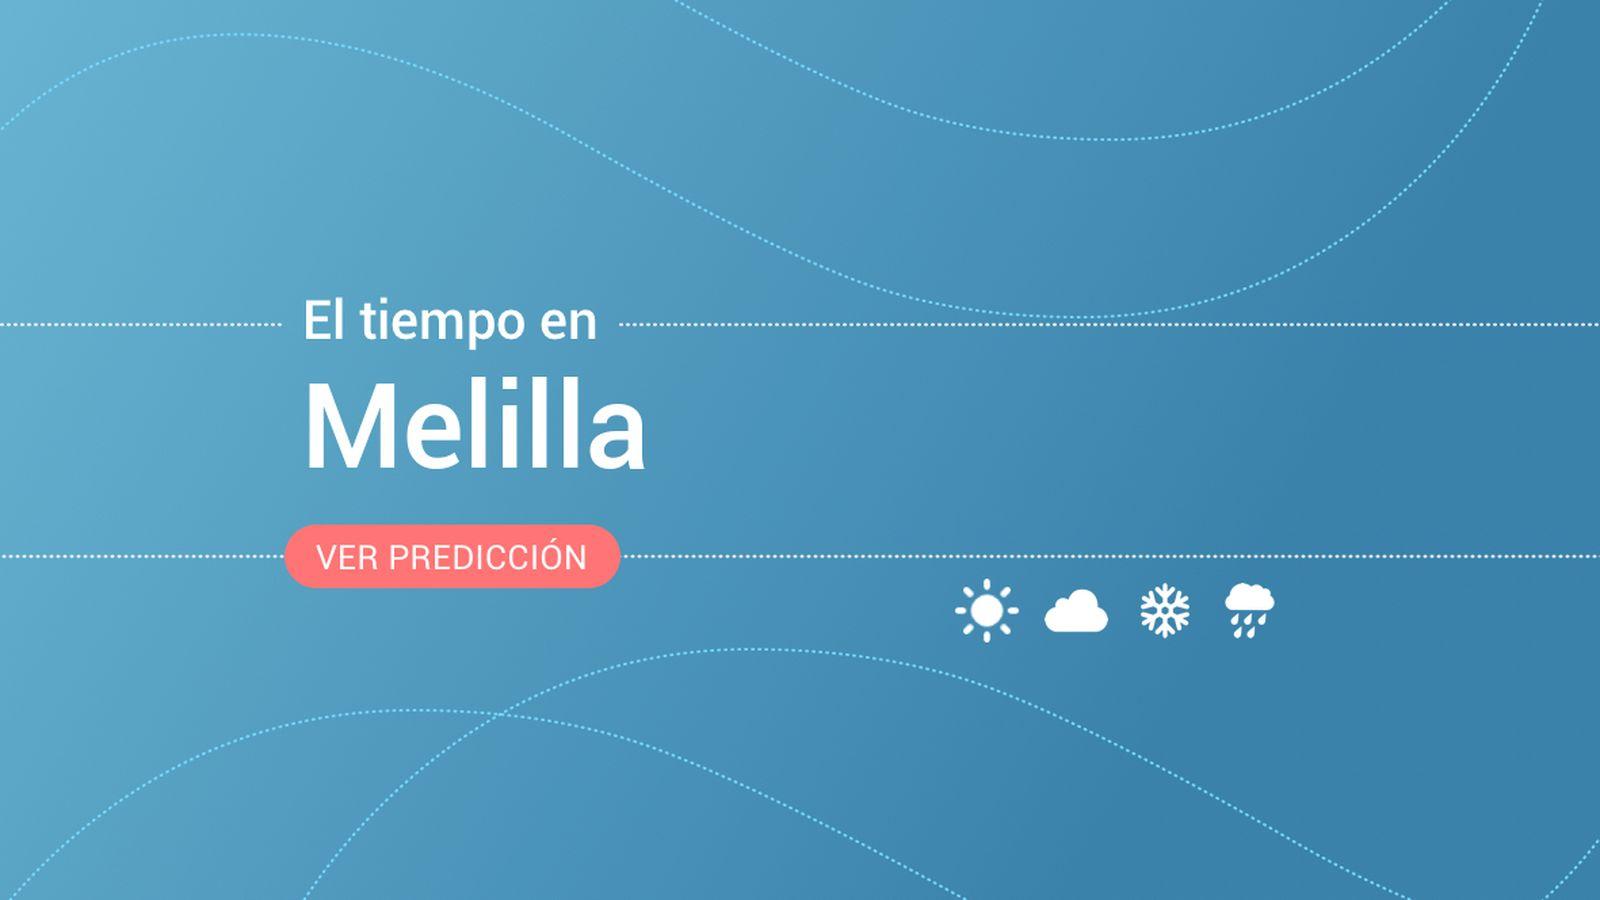 Foto: El tiempo en Melilla. (EC)